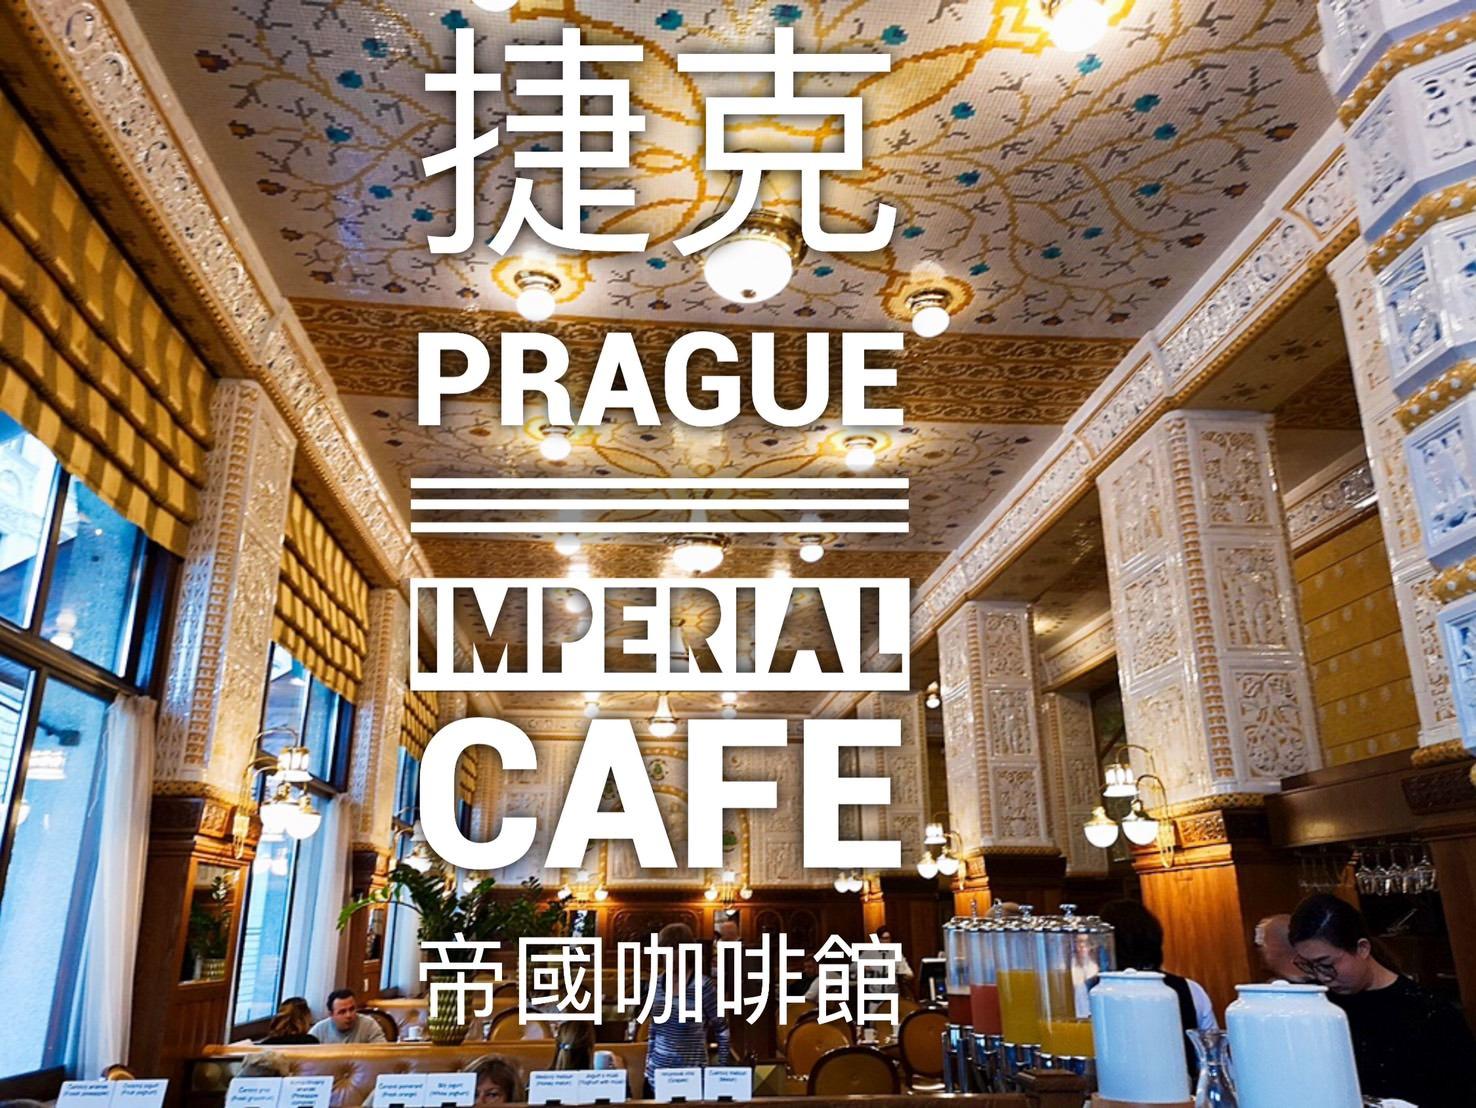 捷克 🔸布拉格 Prague|| 帝國咖啡館Cafe Imperial 世界絕美十大咖啡館